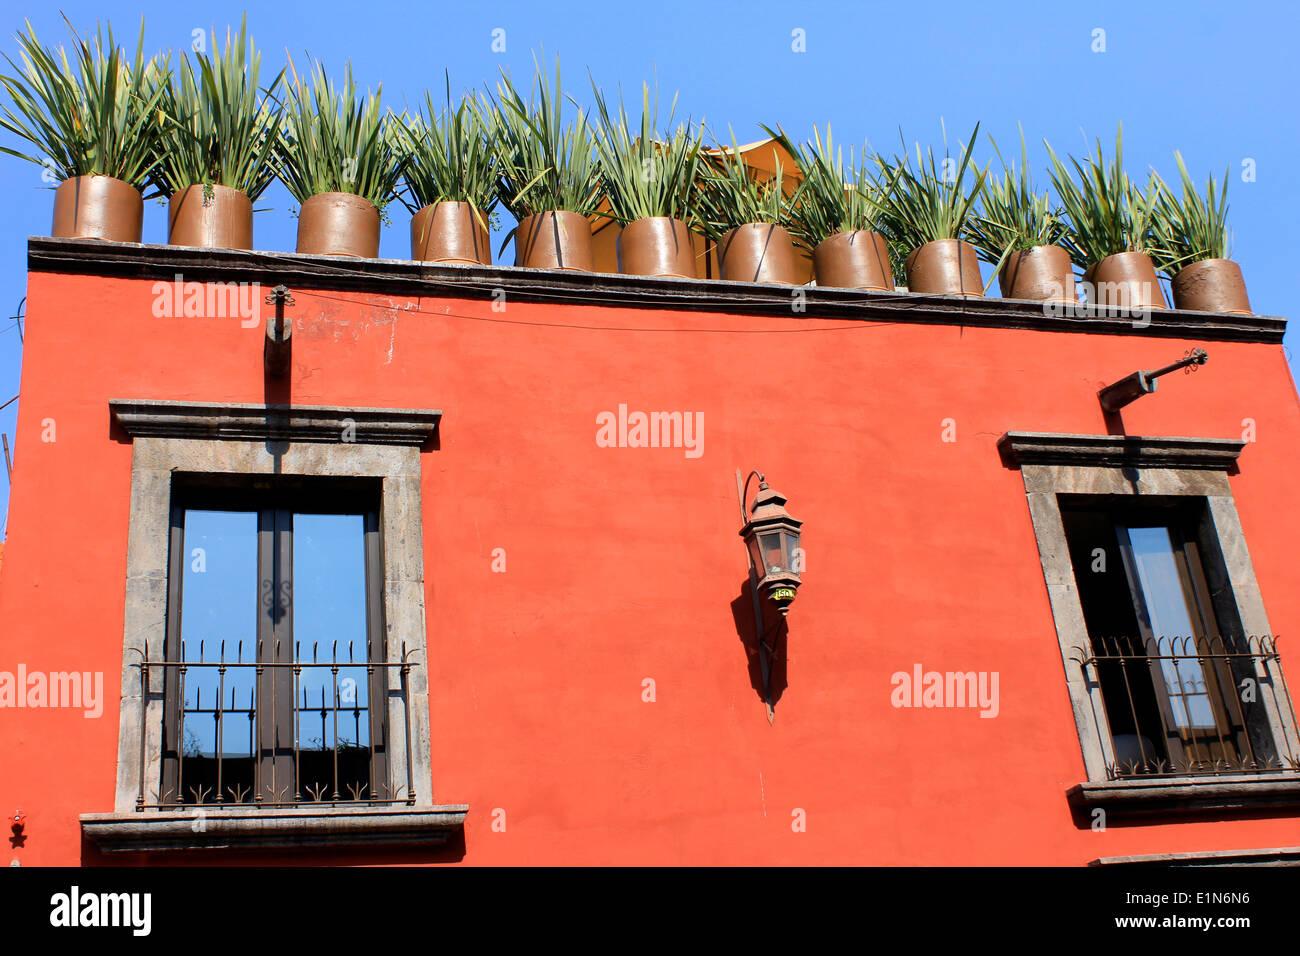 Casa con muri rossi e vasi con erba in sul terrazzo superiore san